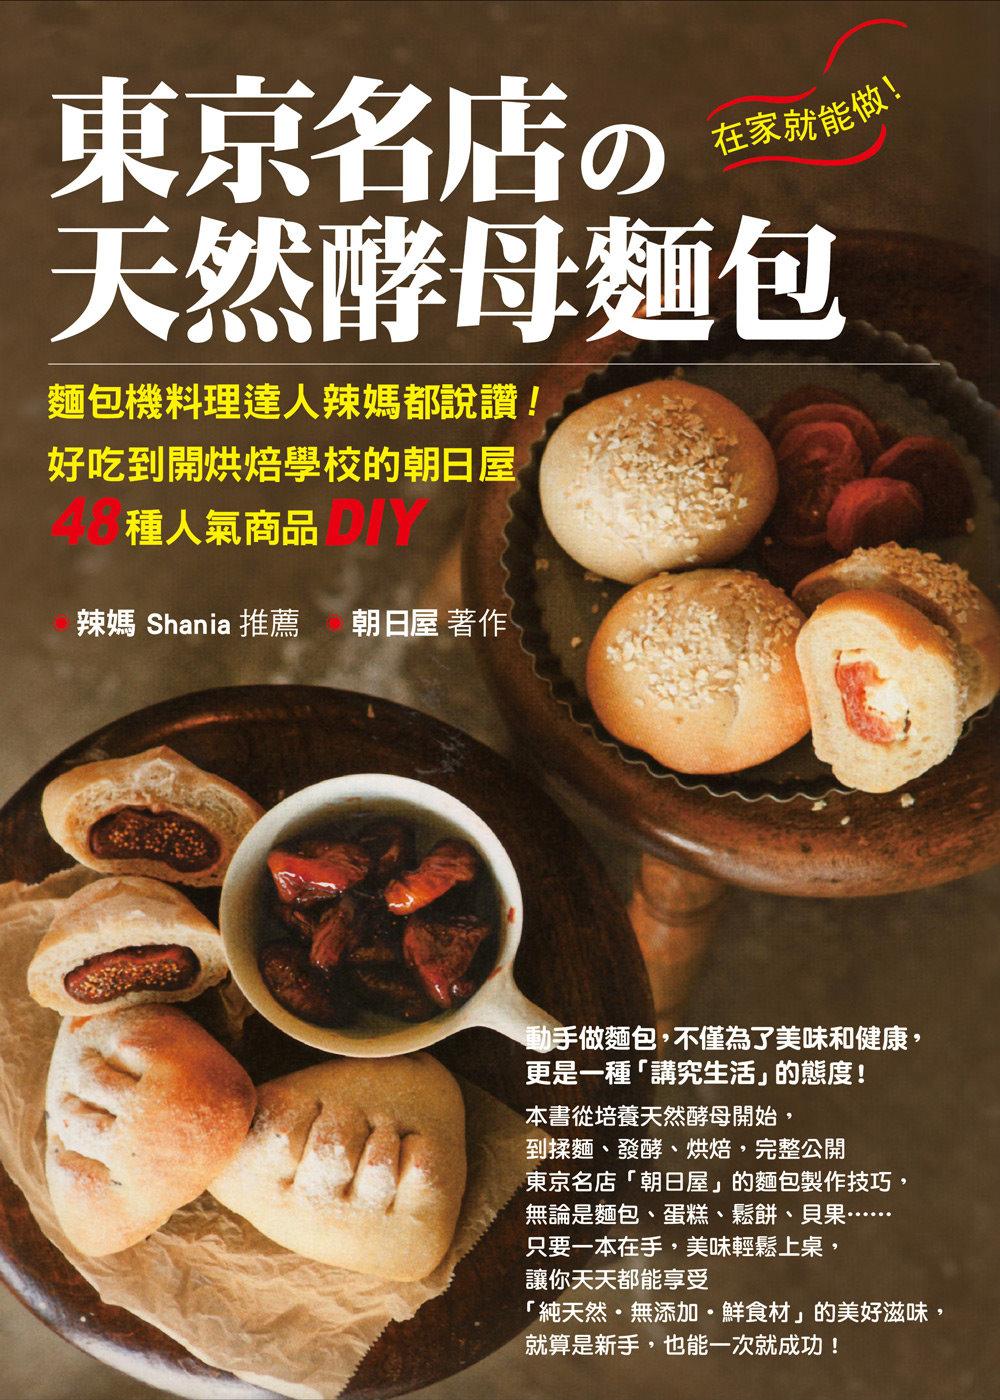 在家就能做^!東京名店的天然酵母麵包:麵包機料理 辣媽都說讚^!好吃到開烘焙學校的朝日屋4